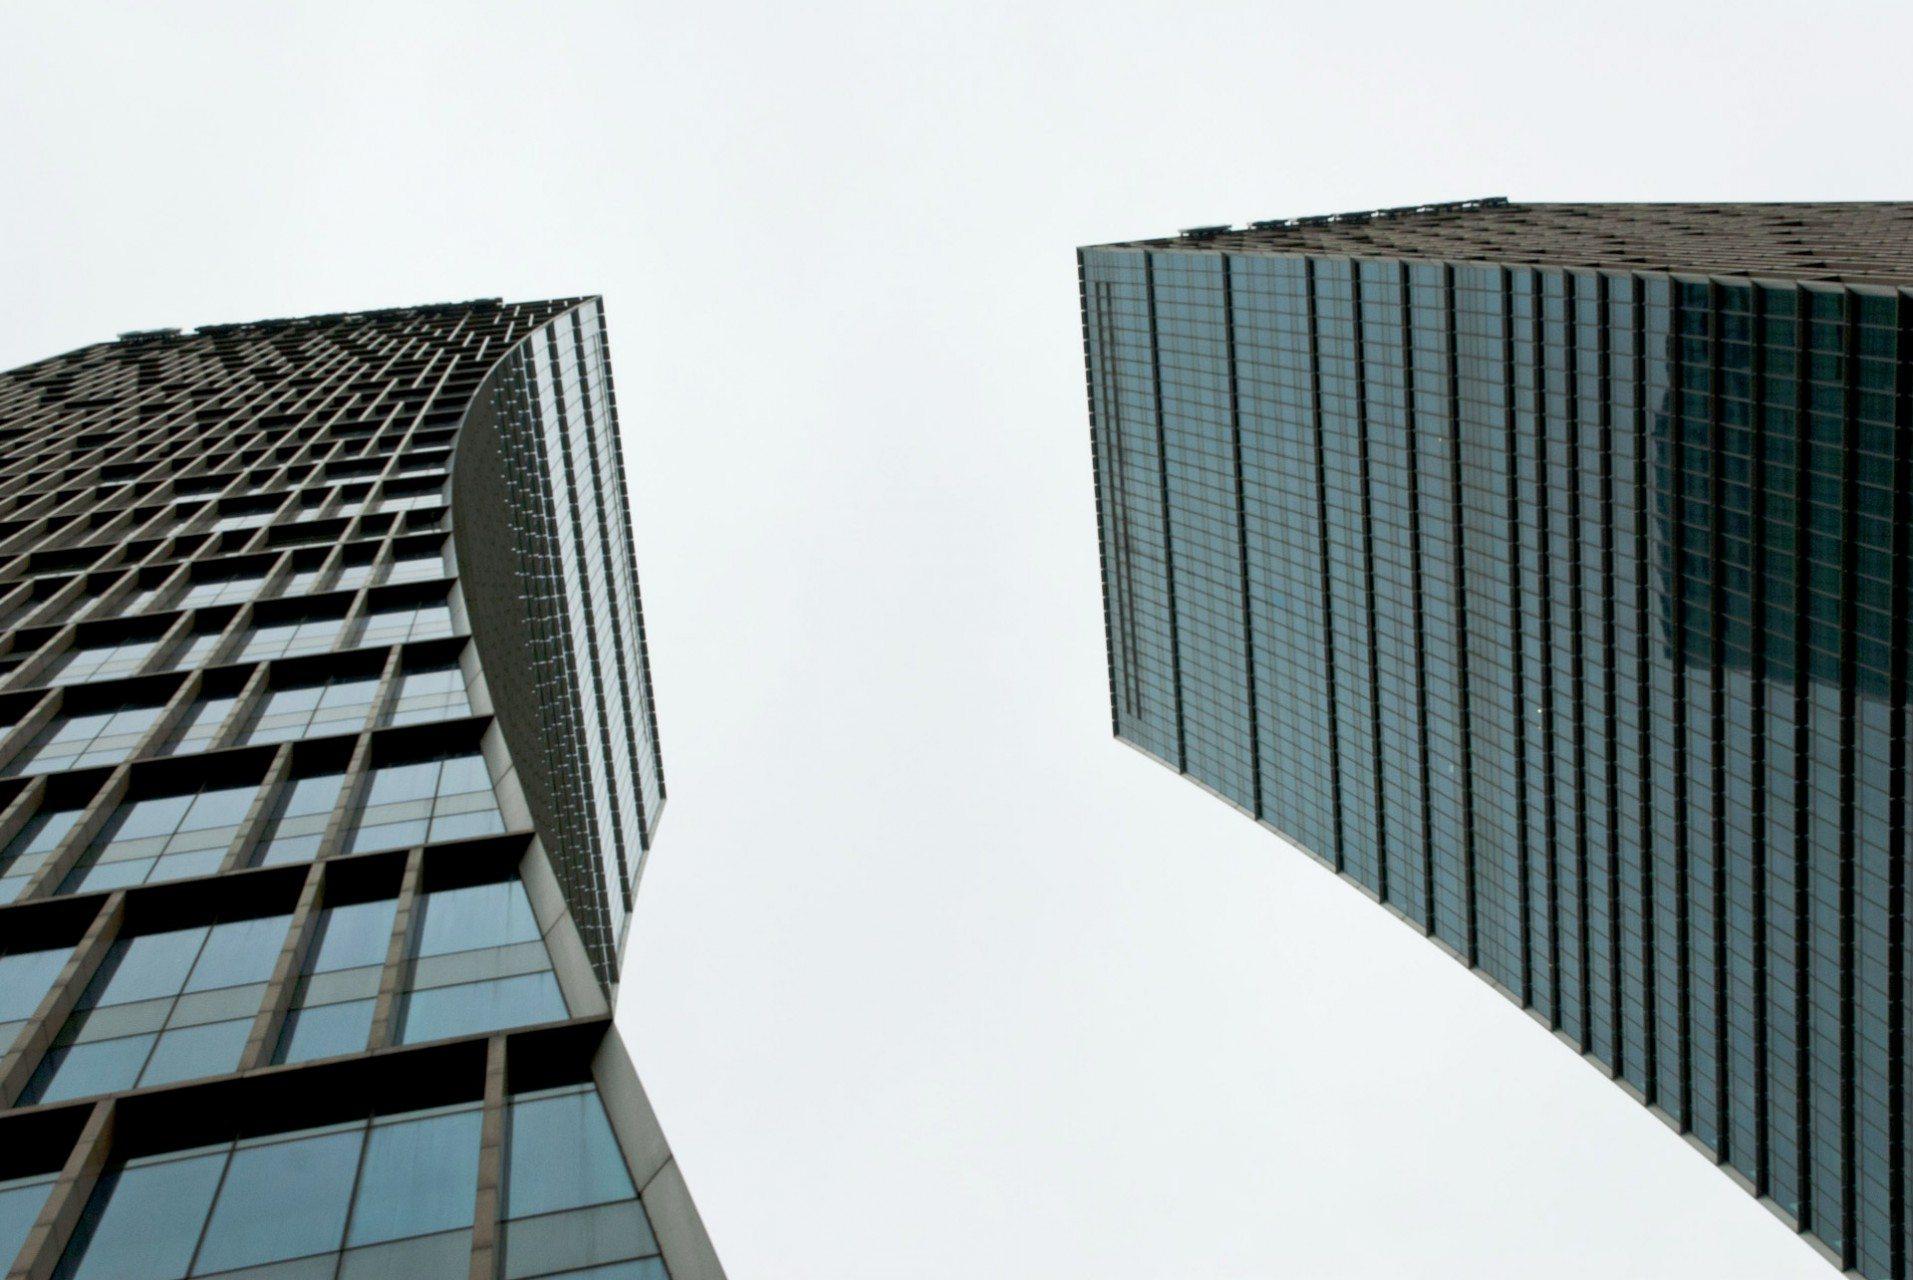 Agricultural Bank of China and China Construction Bank.